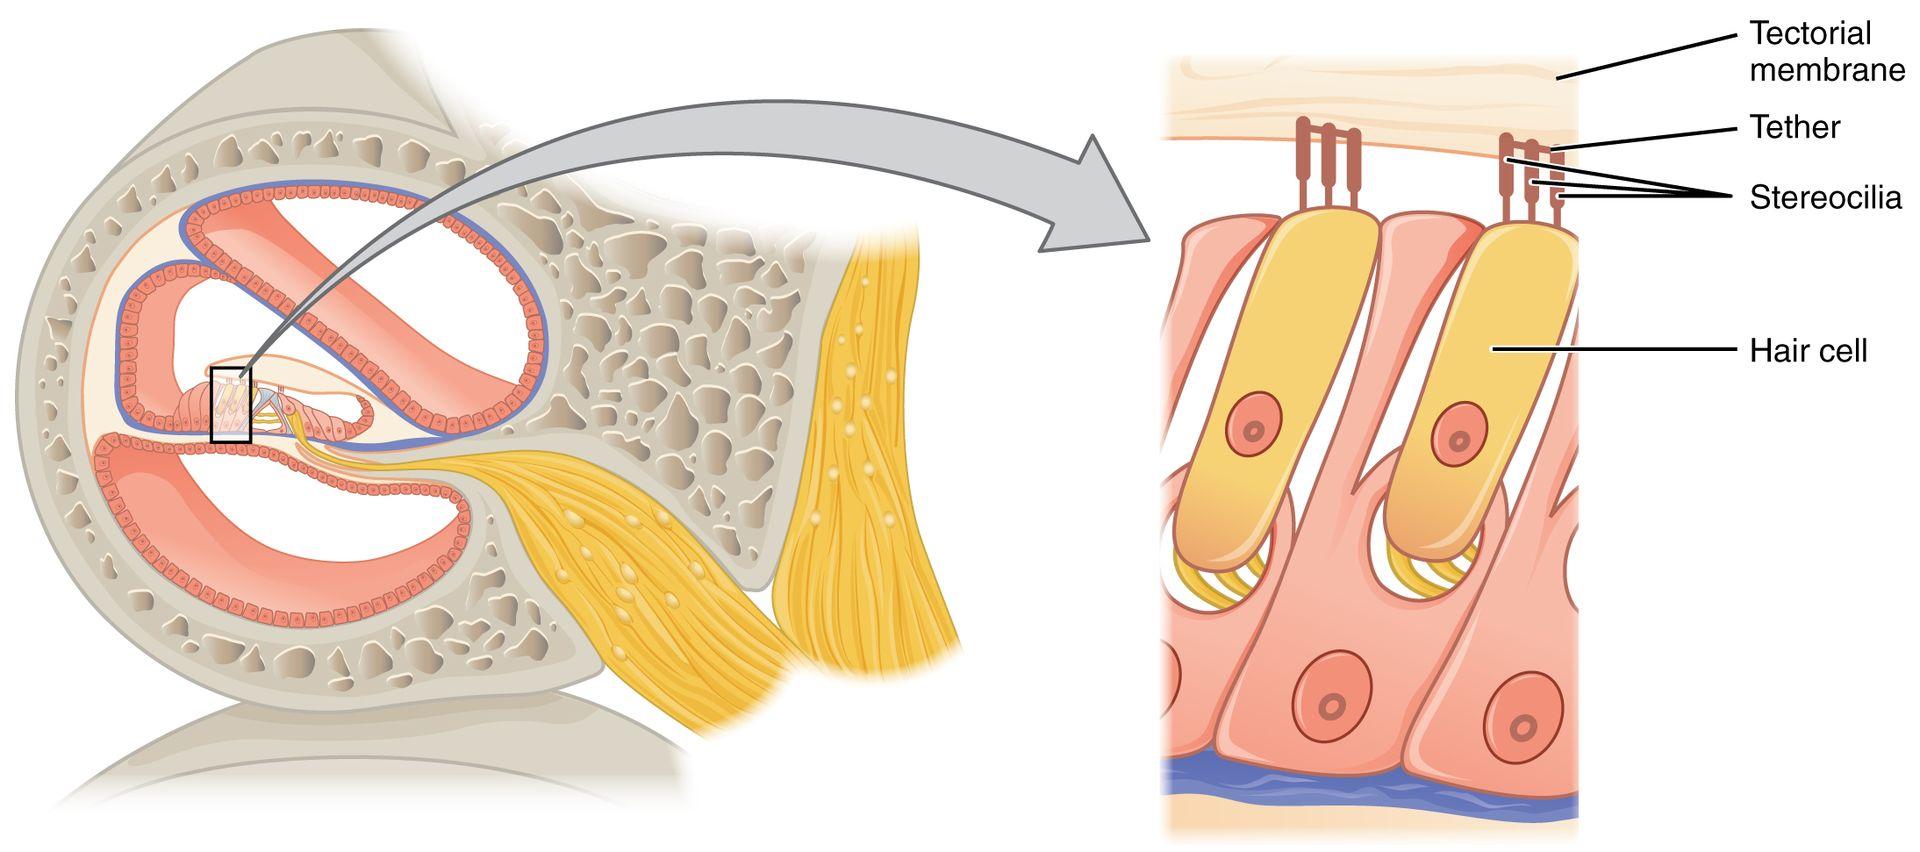 Key Difference - Cilia Stereocilia vs Microvilli